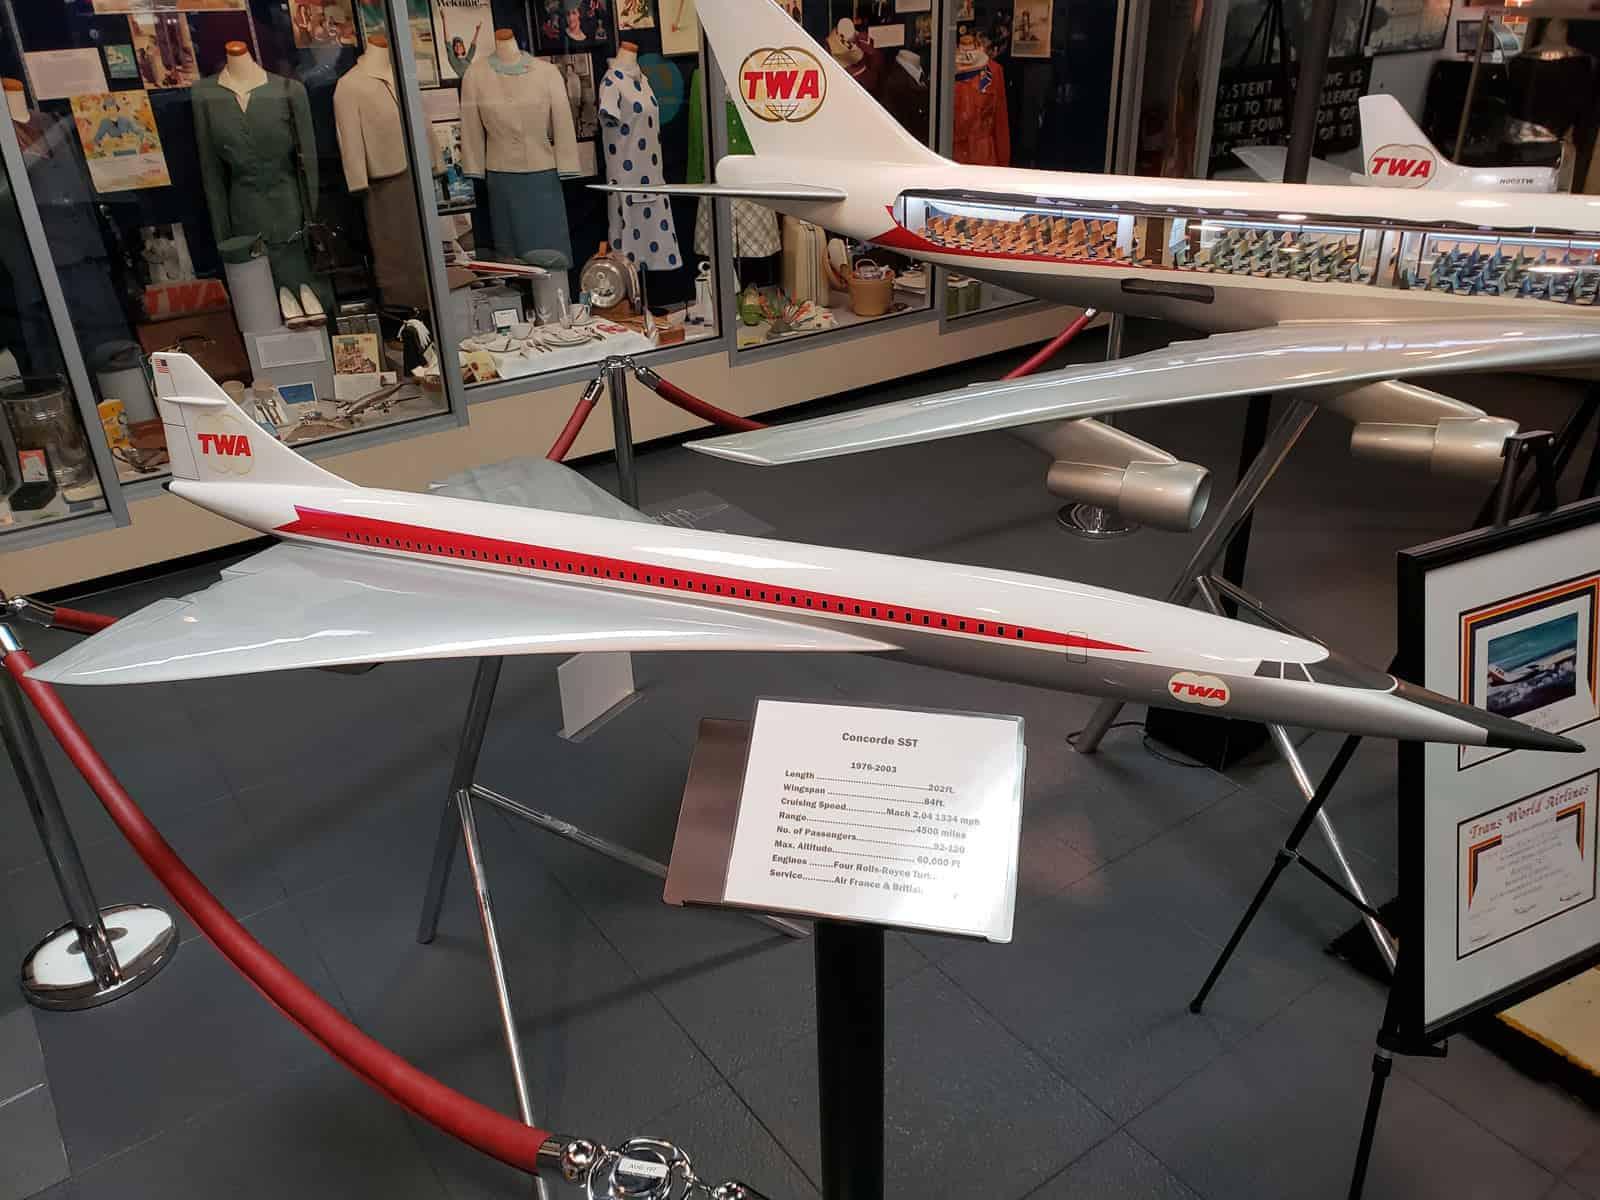 TWA Concorde